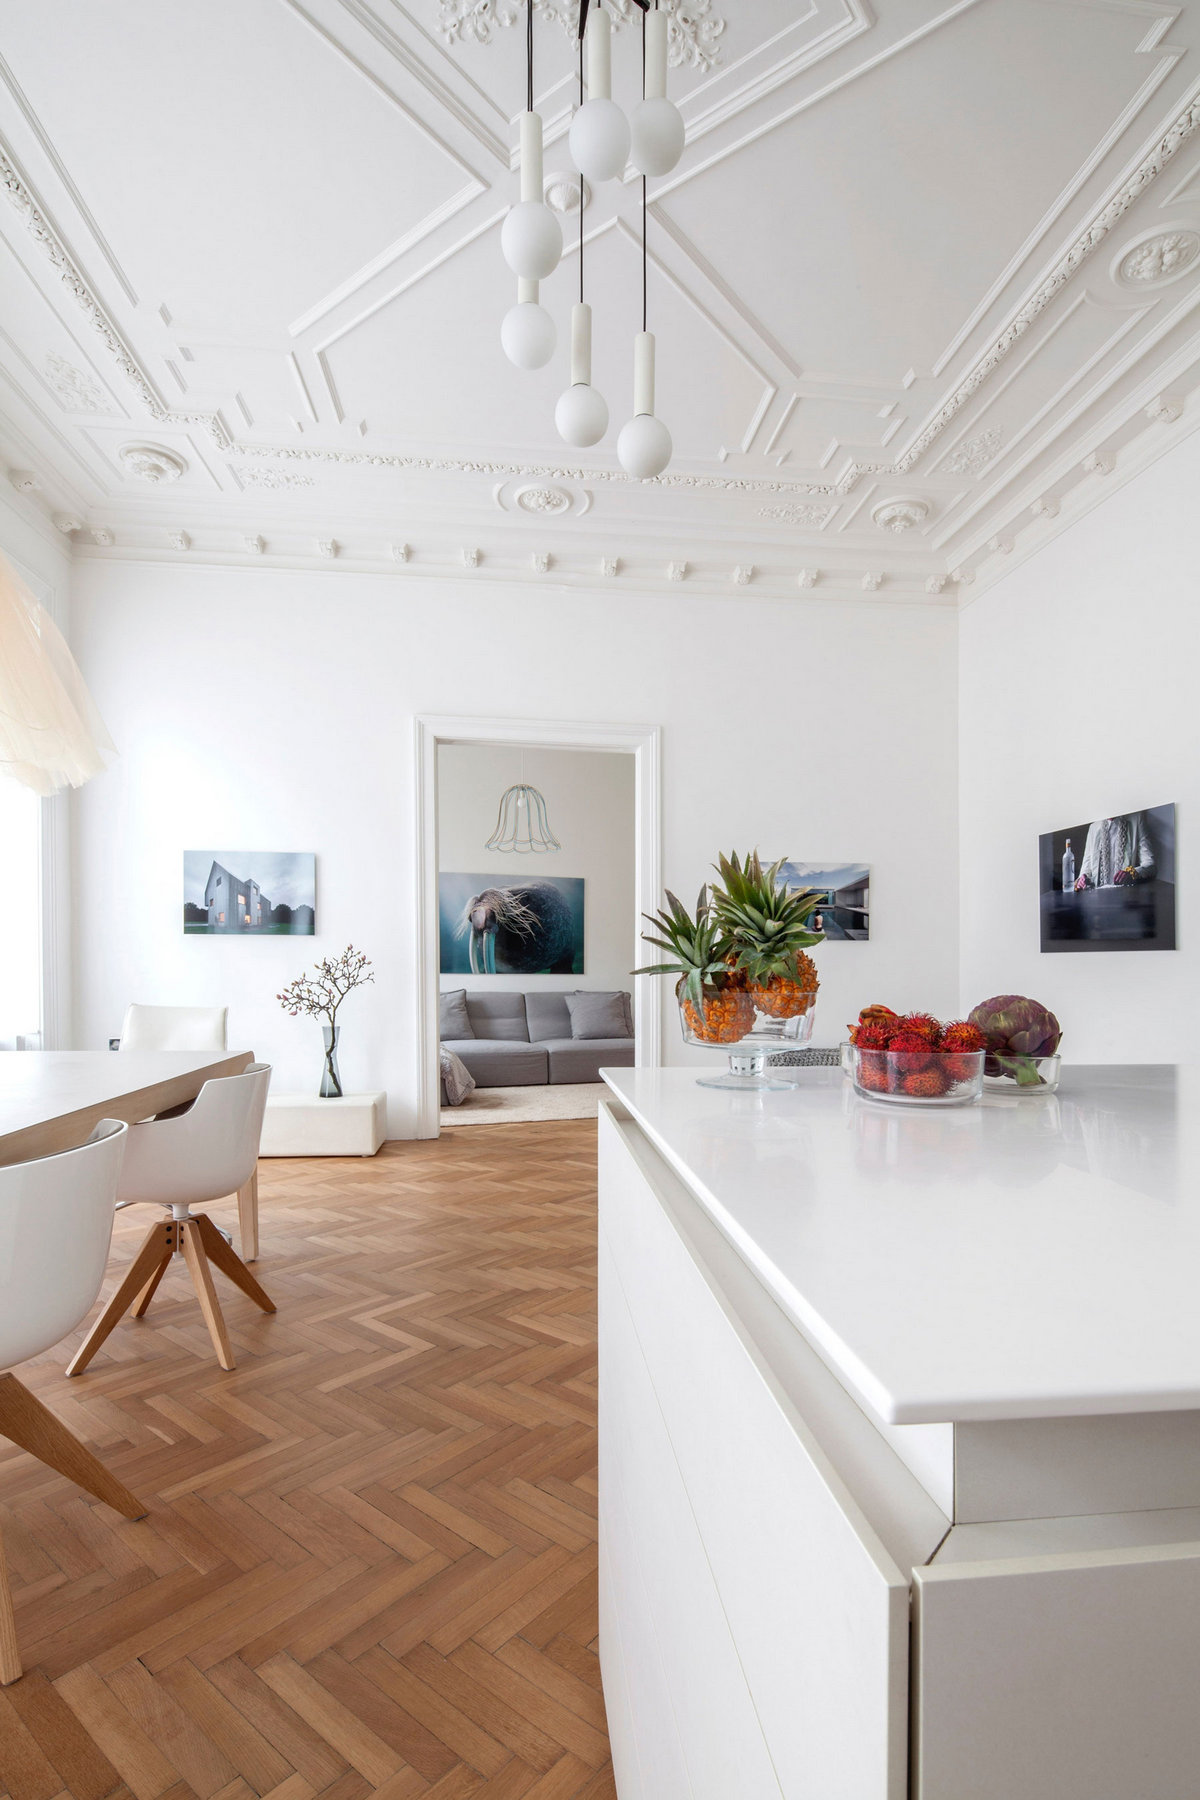 Apartment H+M, дизайн интерьера квартиры пример, дизайн интерьера, оформление квартиры, низкая кровать фото, Destilat Австрия, светлый интерьер квартиры